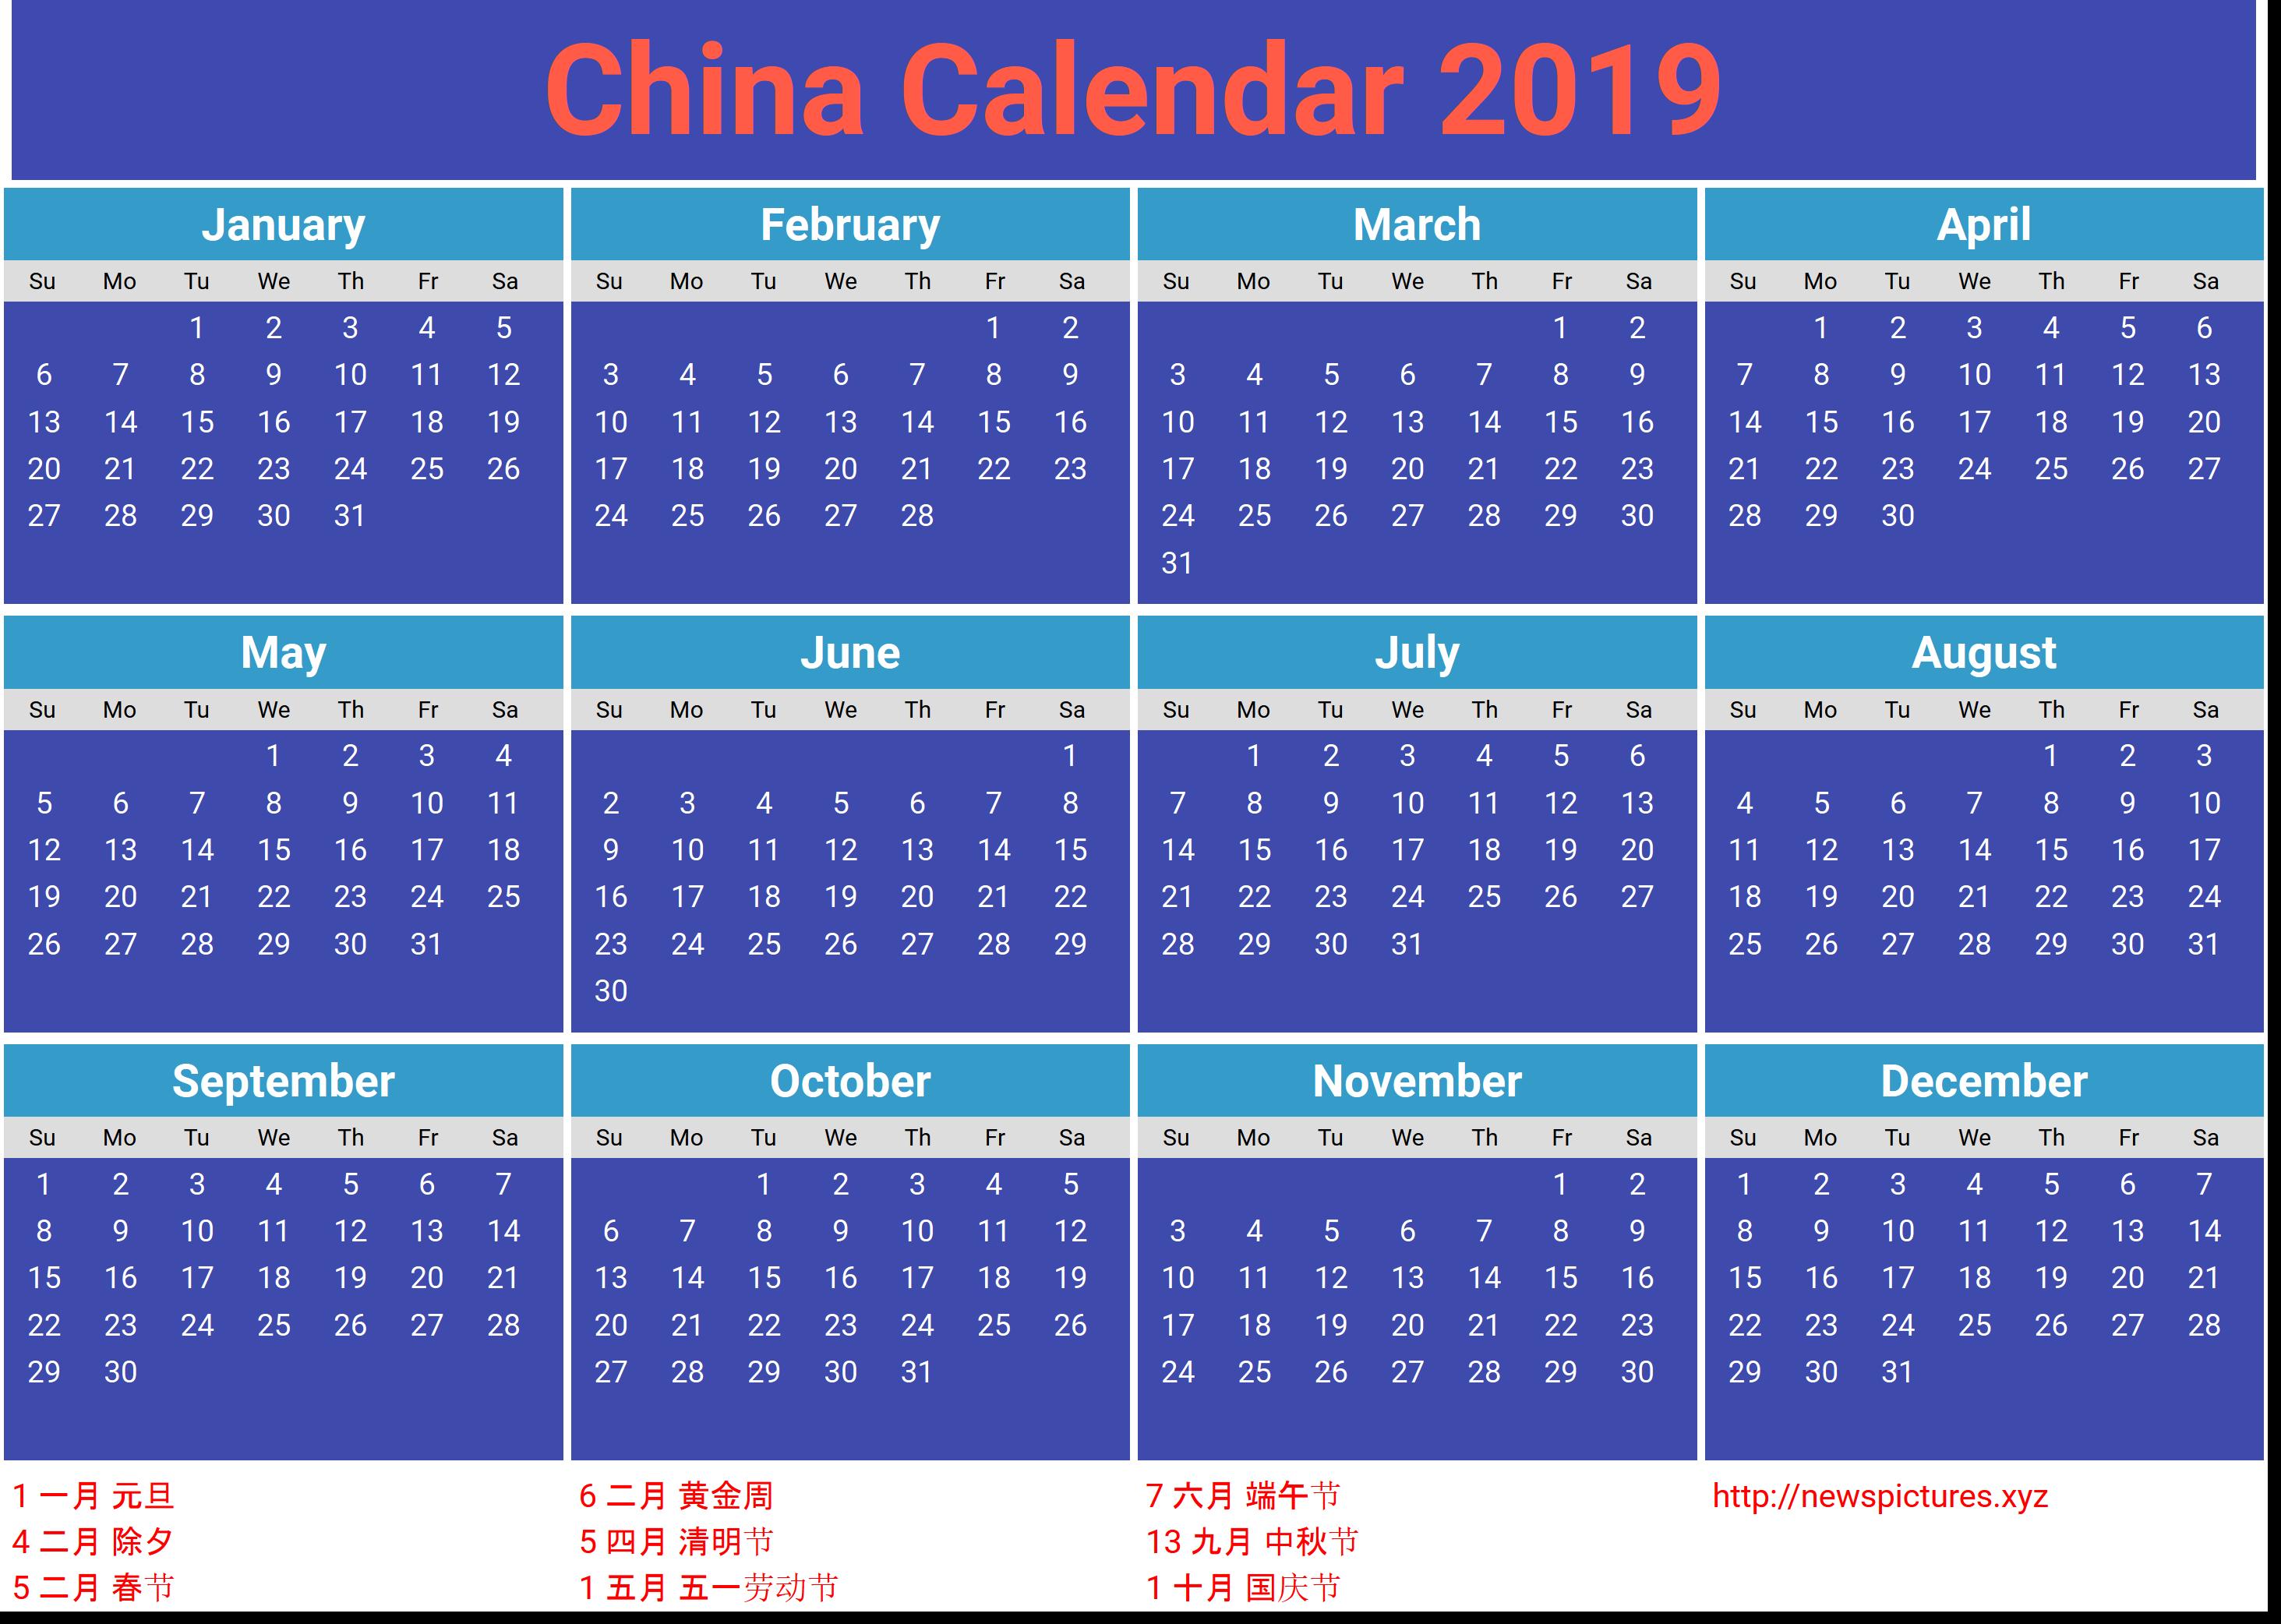 China Calendar 2019 Printable